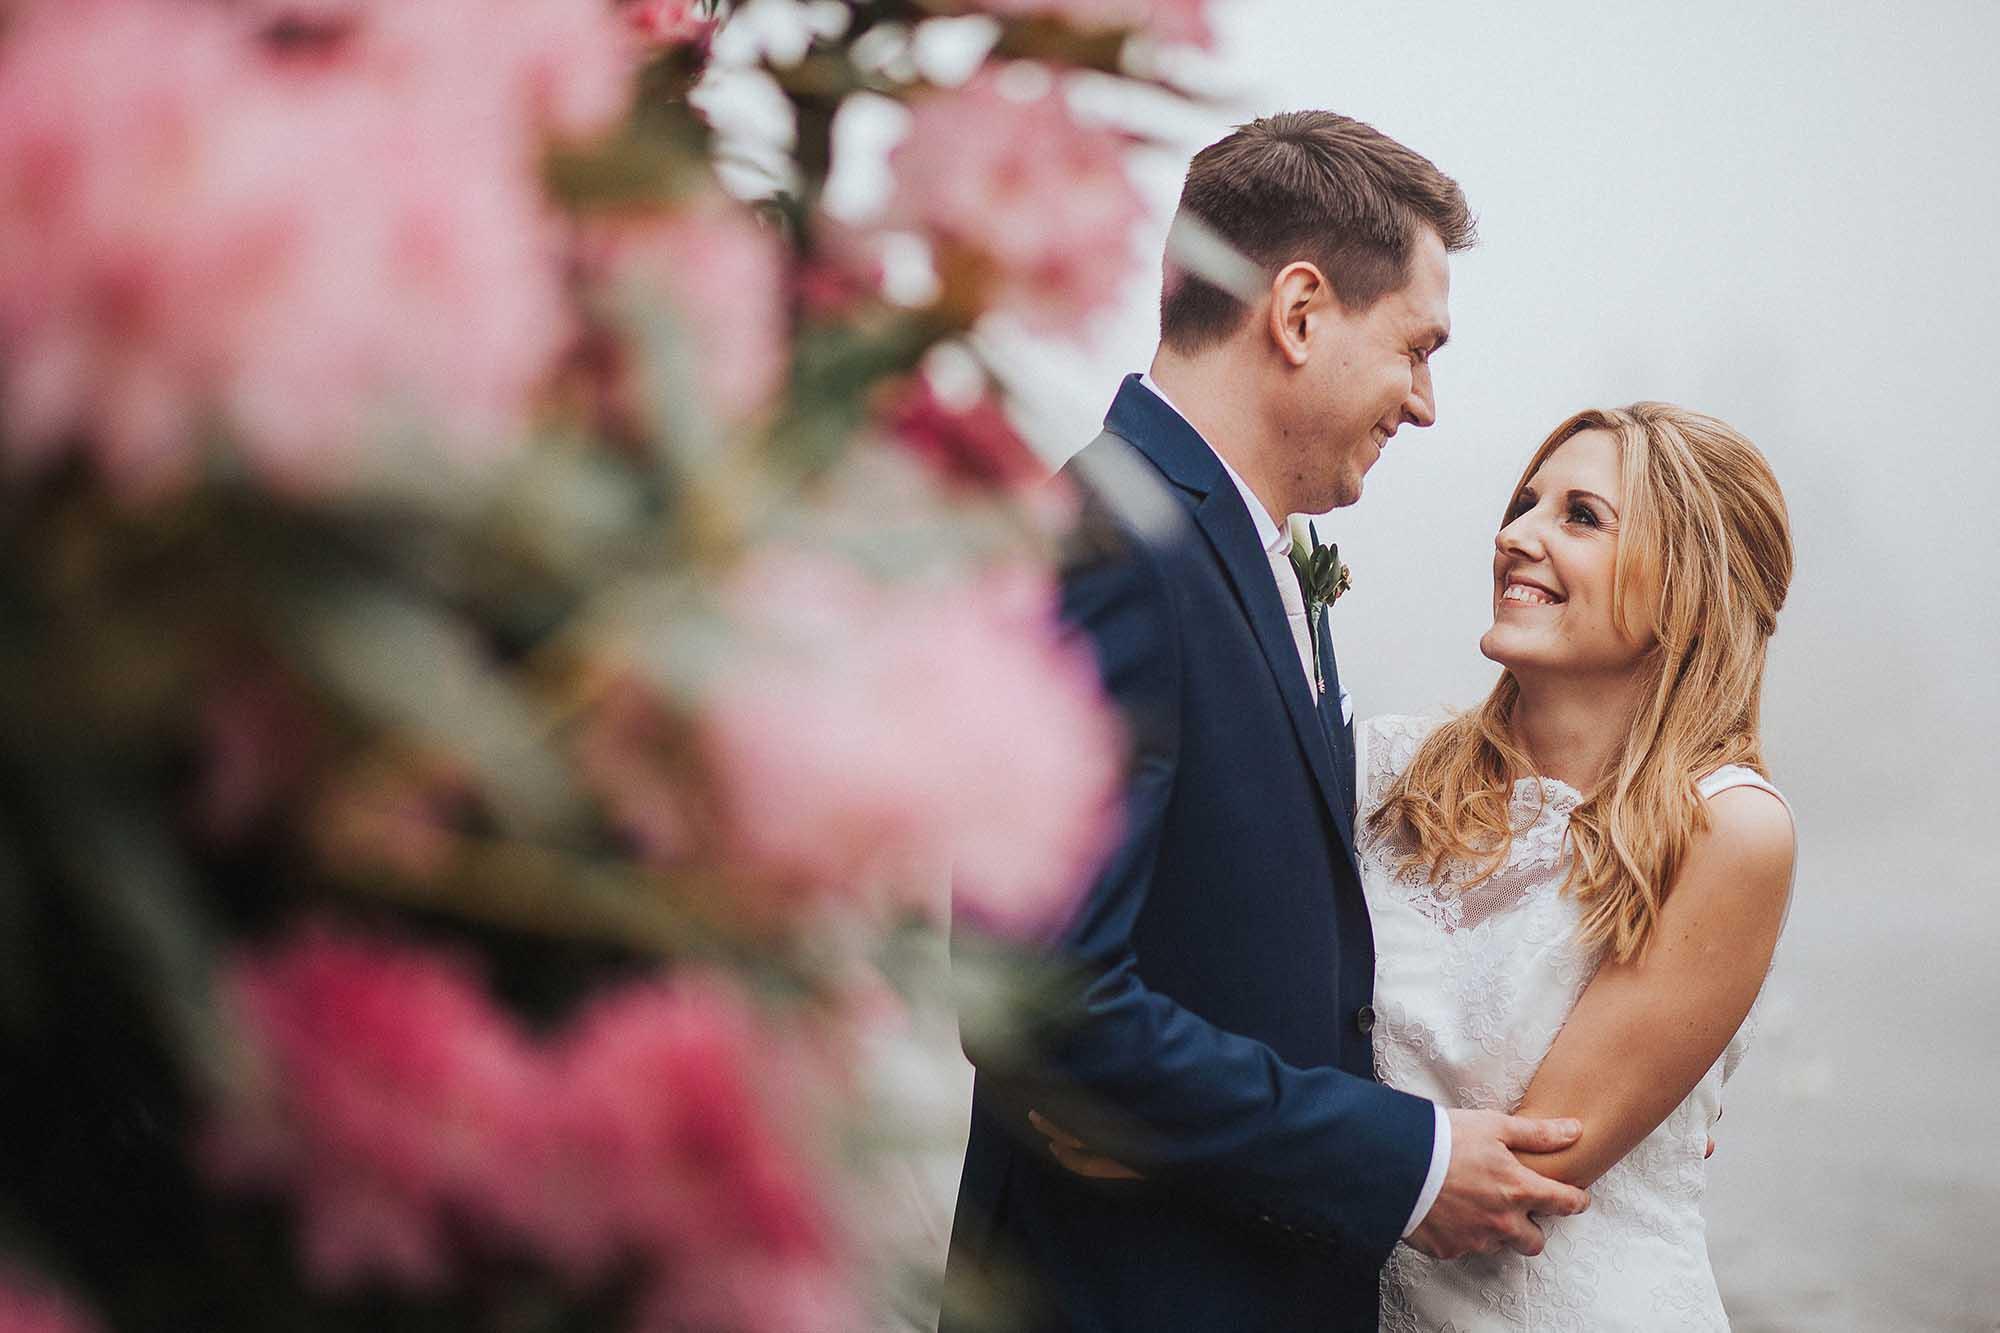 The White Hart Inn Lydgate wedding